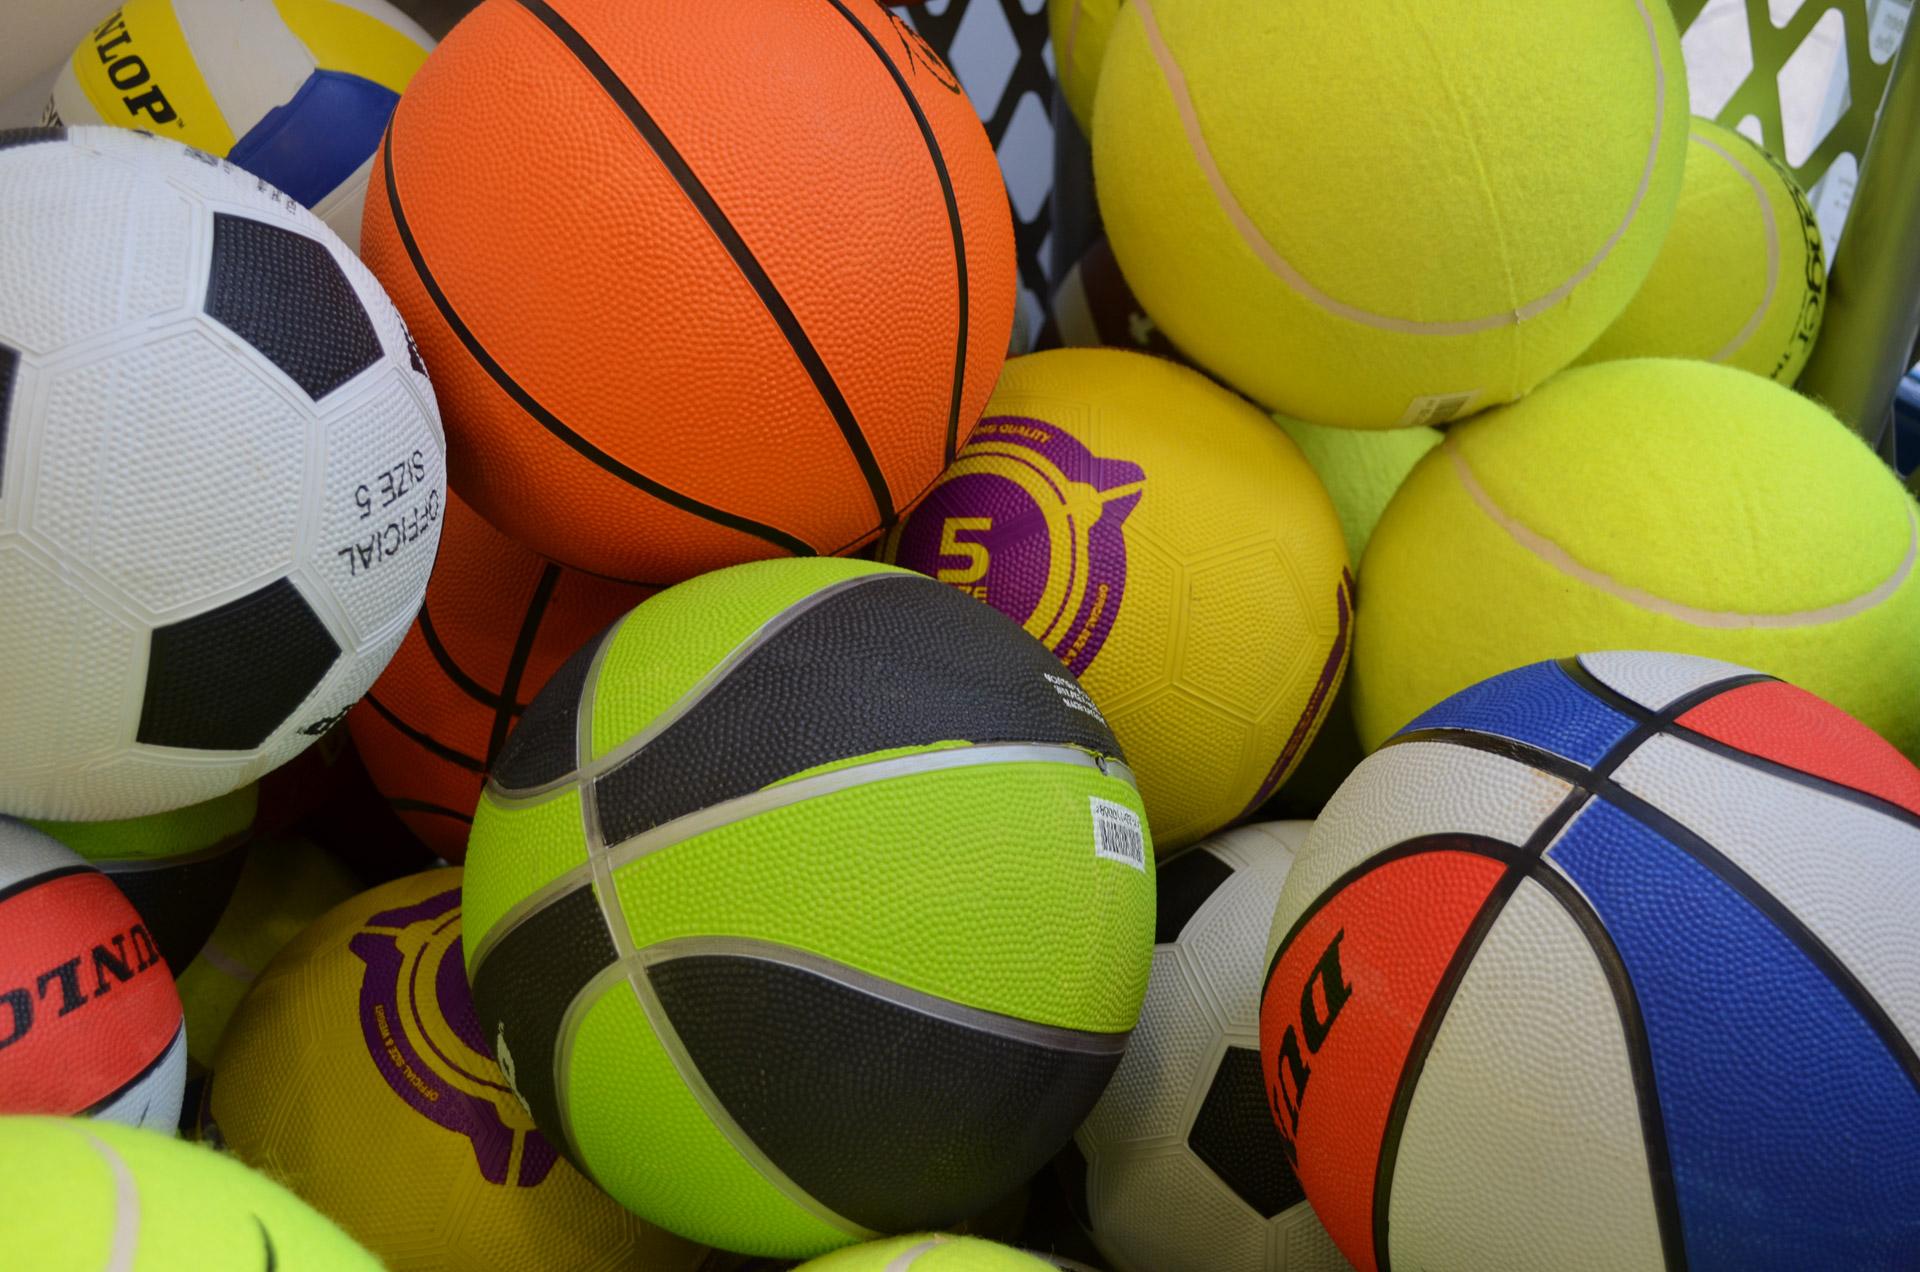 Neu: Ballschule für Kinder ab 6 Jahren